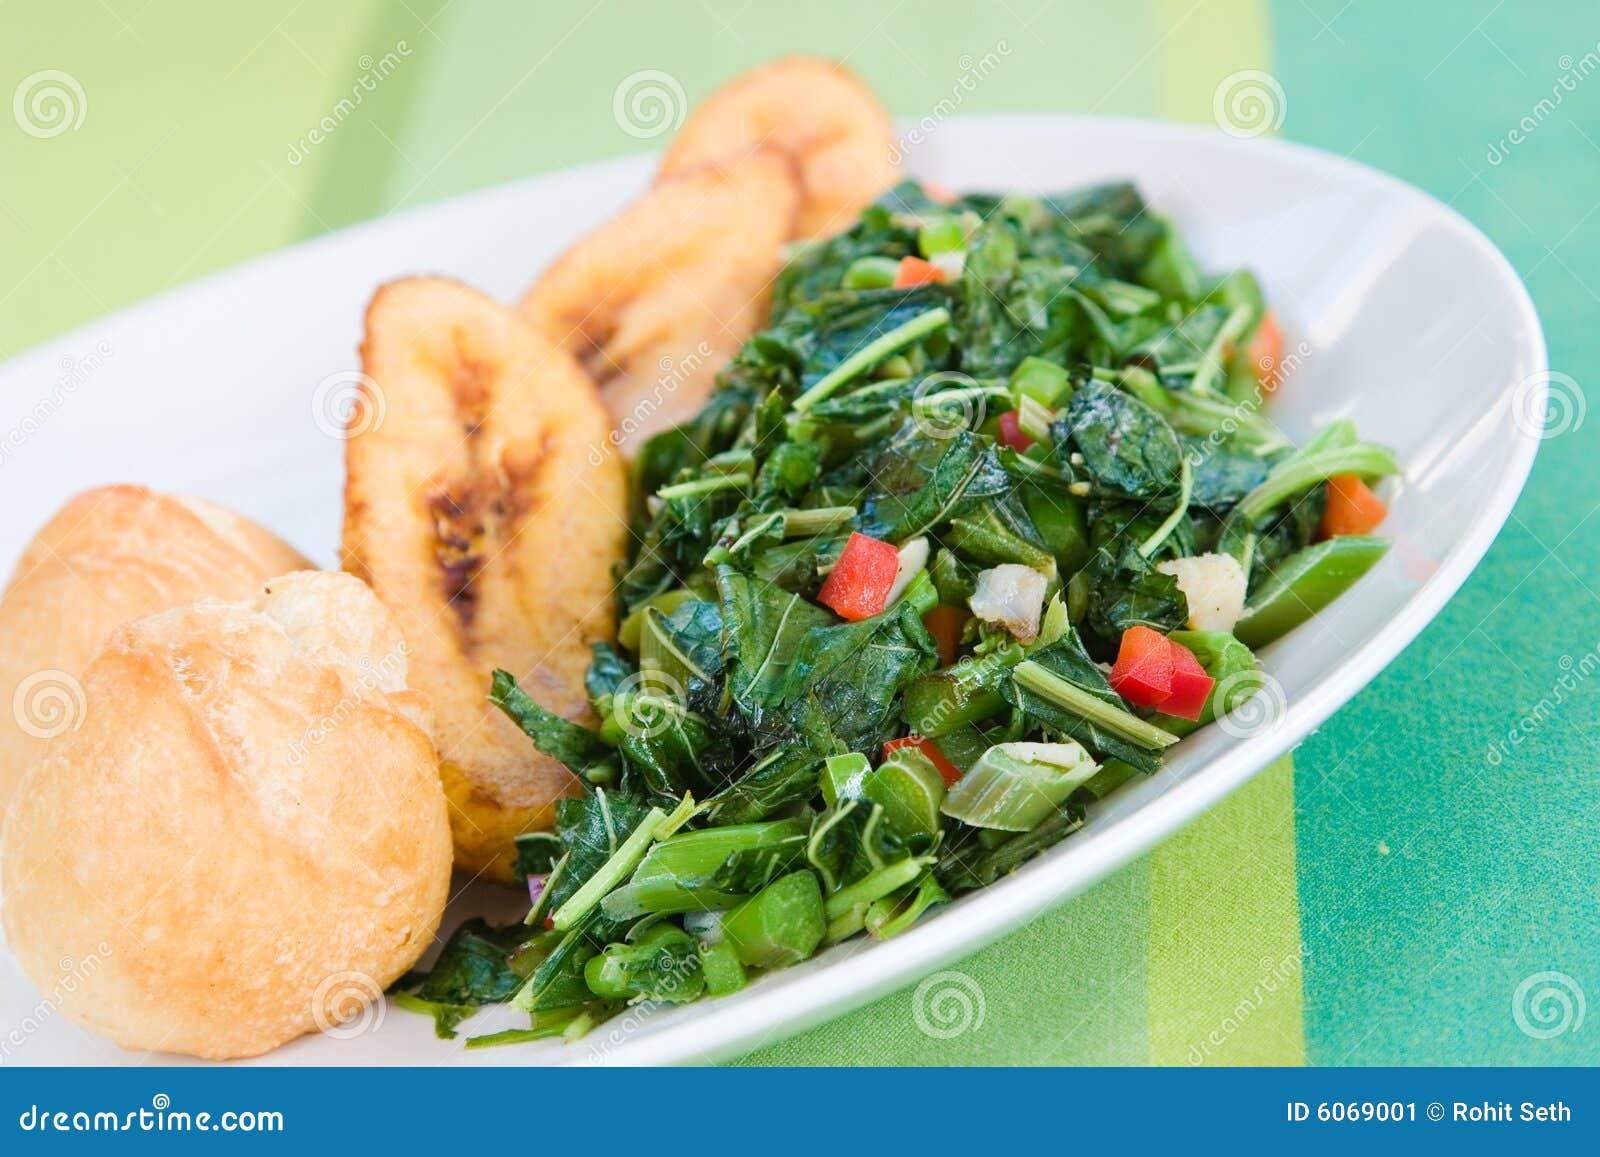 Callaloo Gemüse Und Mehlklöße - Karibische Str. Stockbild - Bild von ...